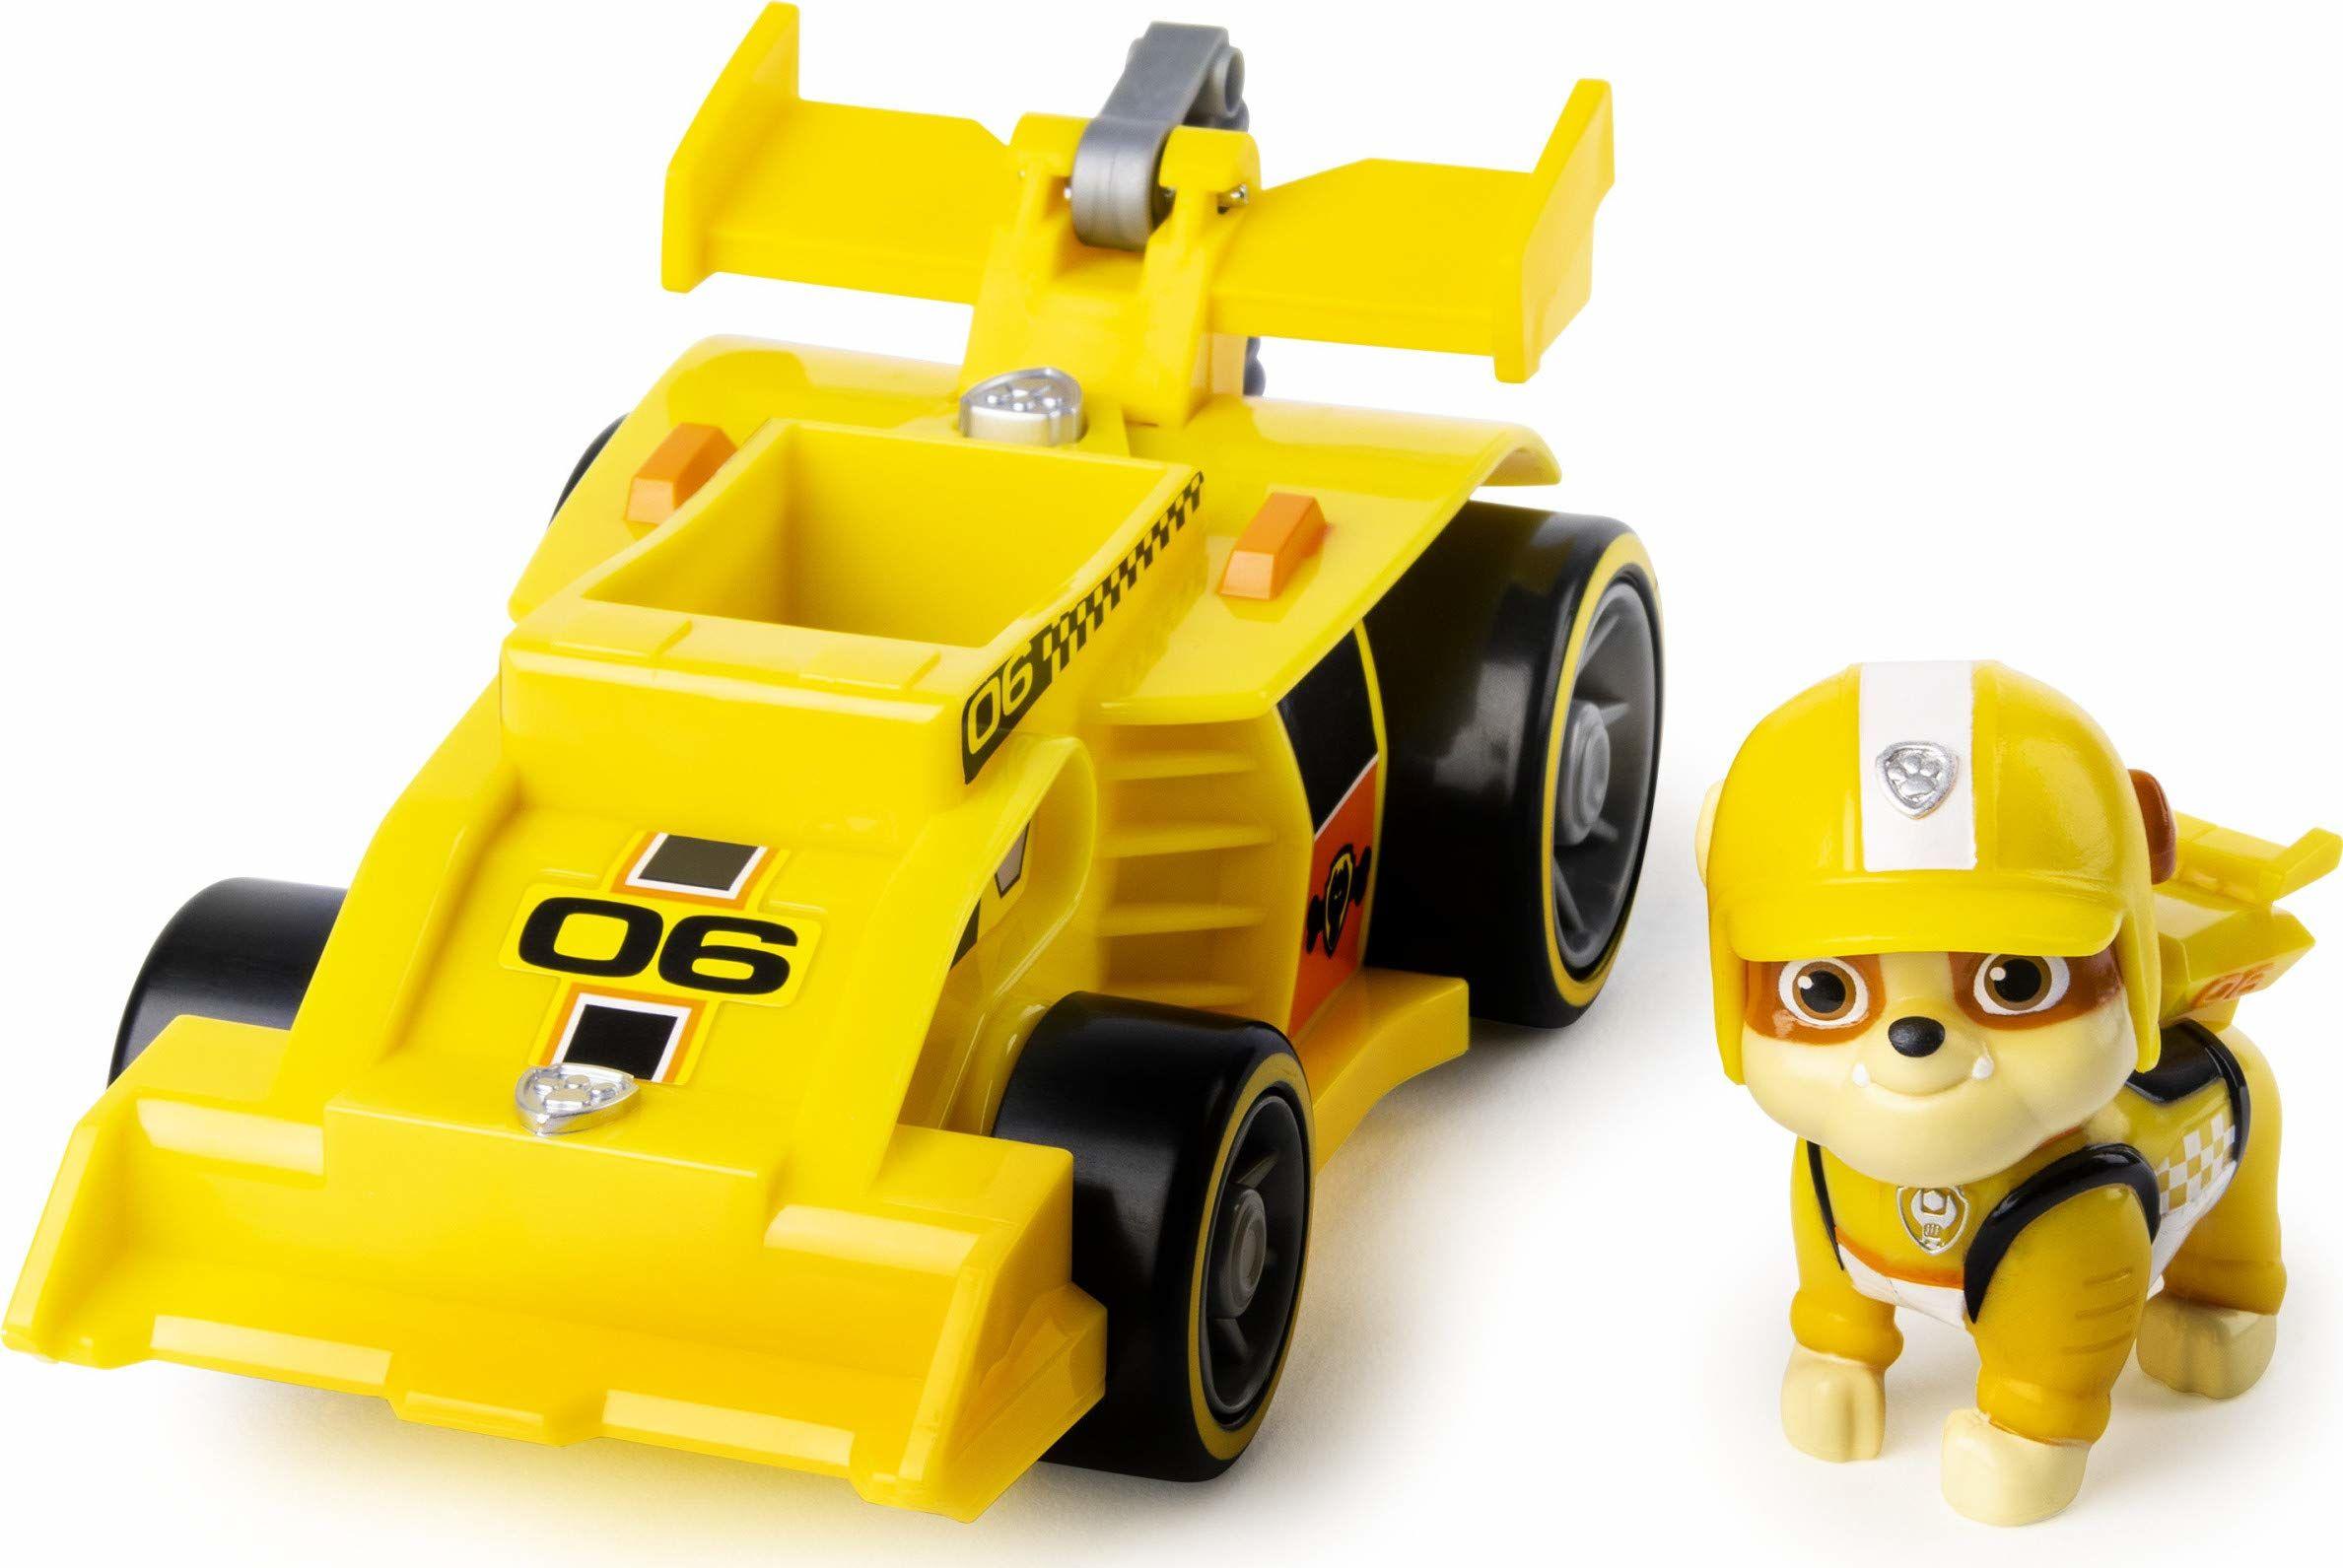 PAW Patrol Gotowy, wyścigowy, ratowniczy Rubble''s Race & Go Deluxe pojazd z dźwiękami, dla dzieci w wieku od 3 lat